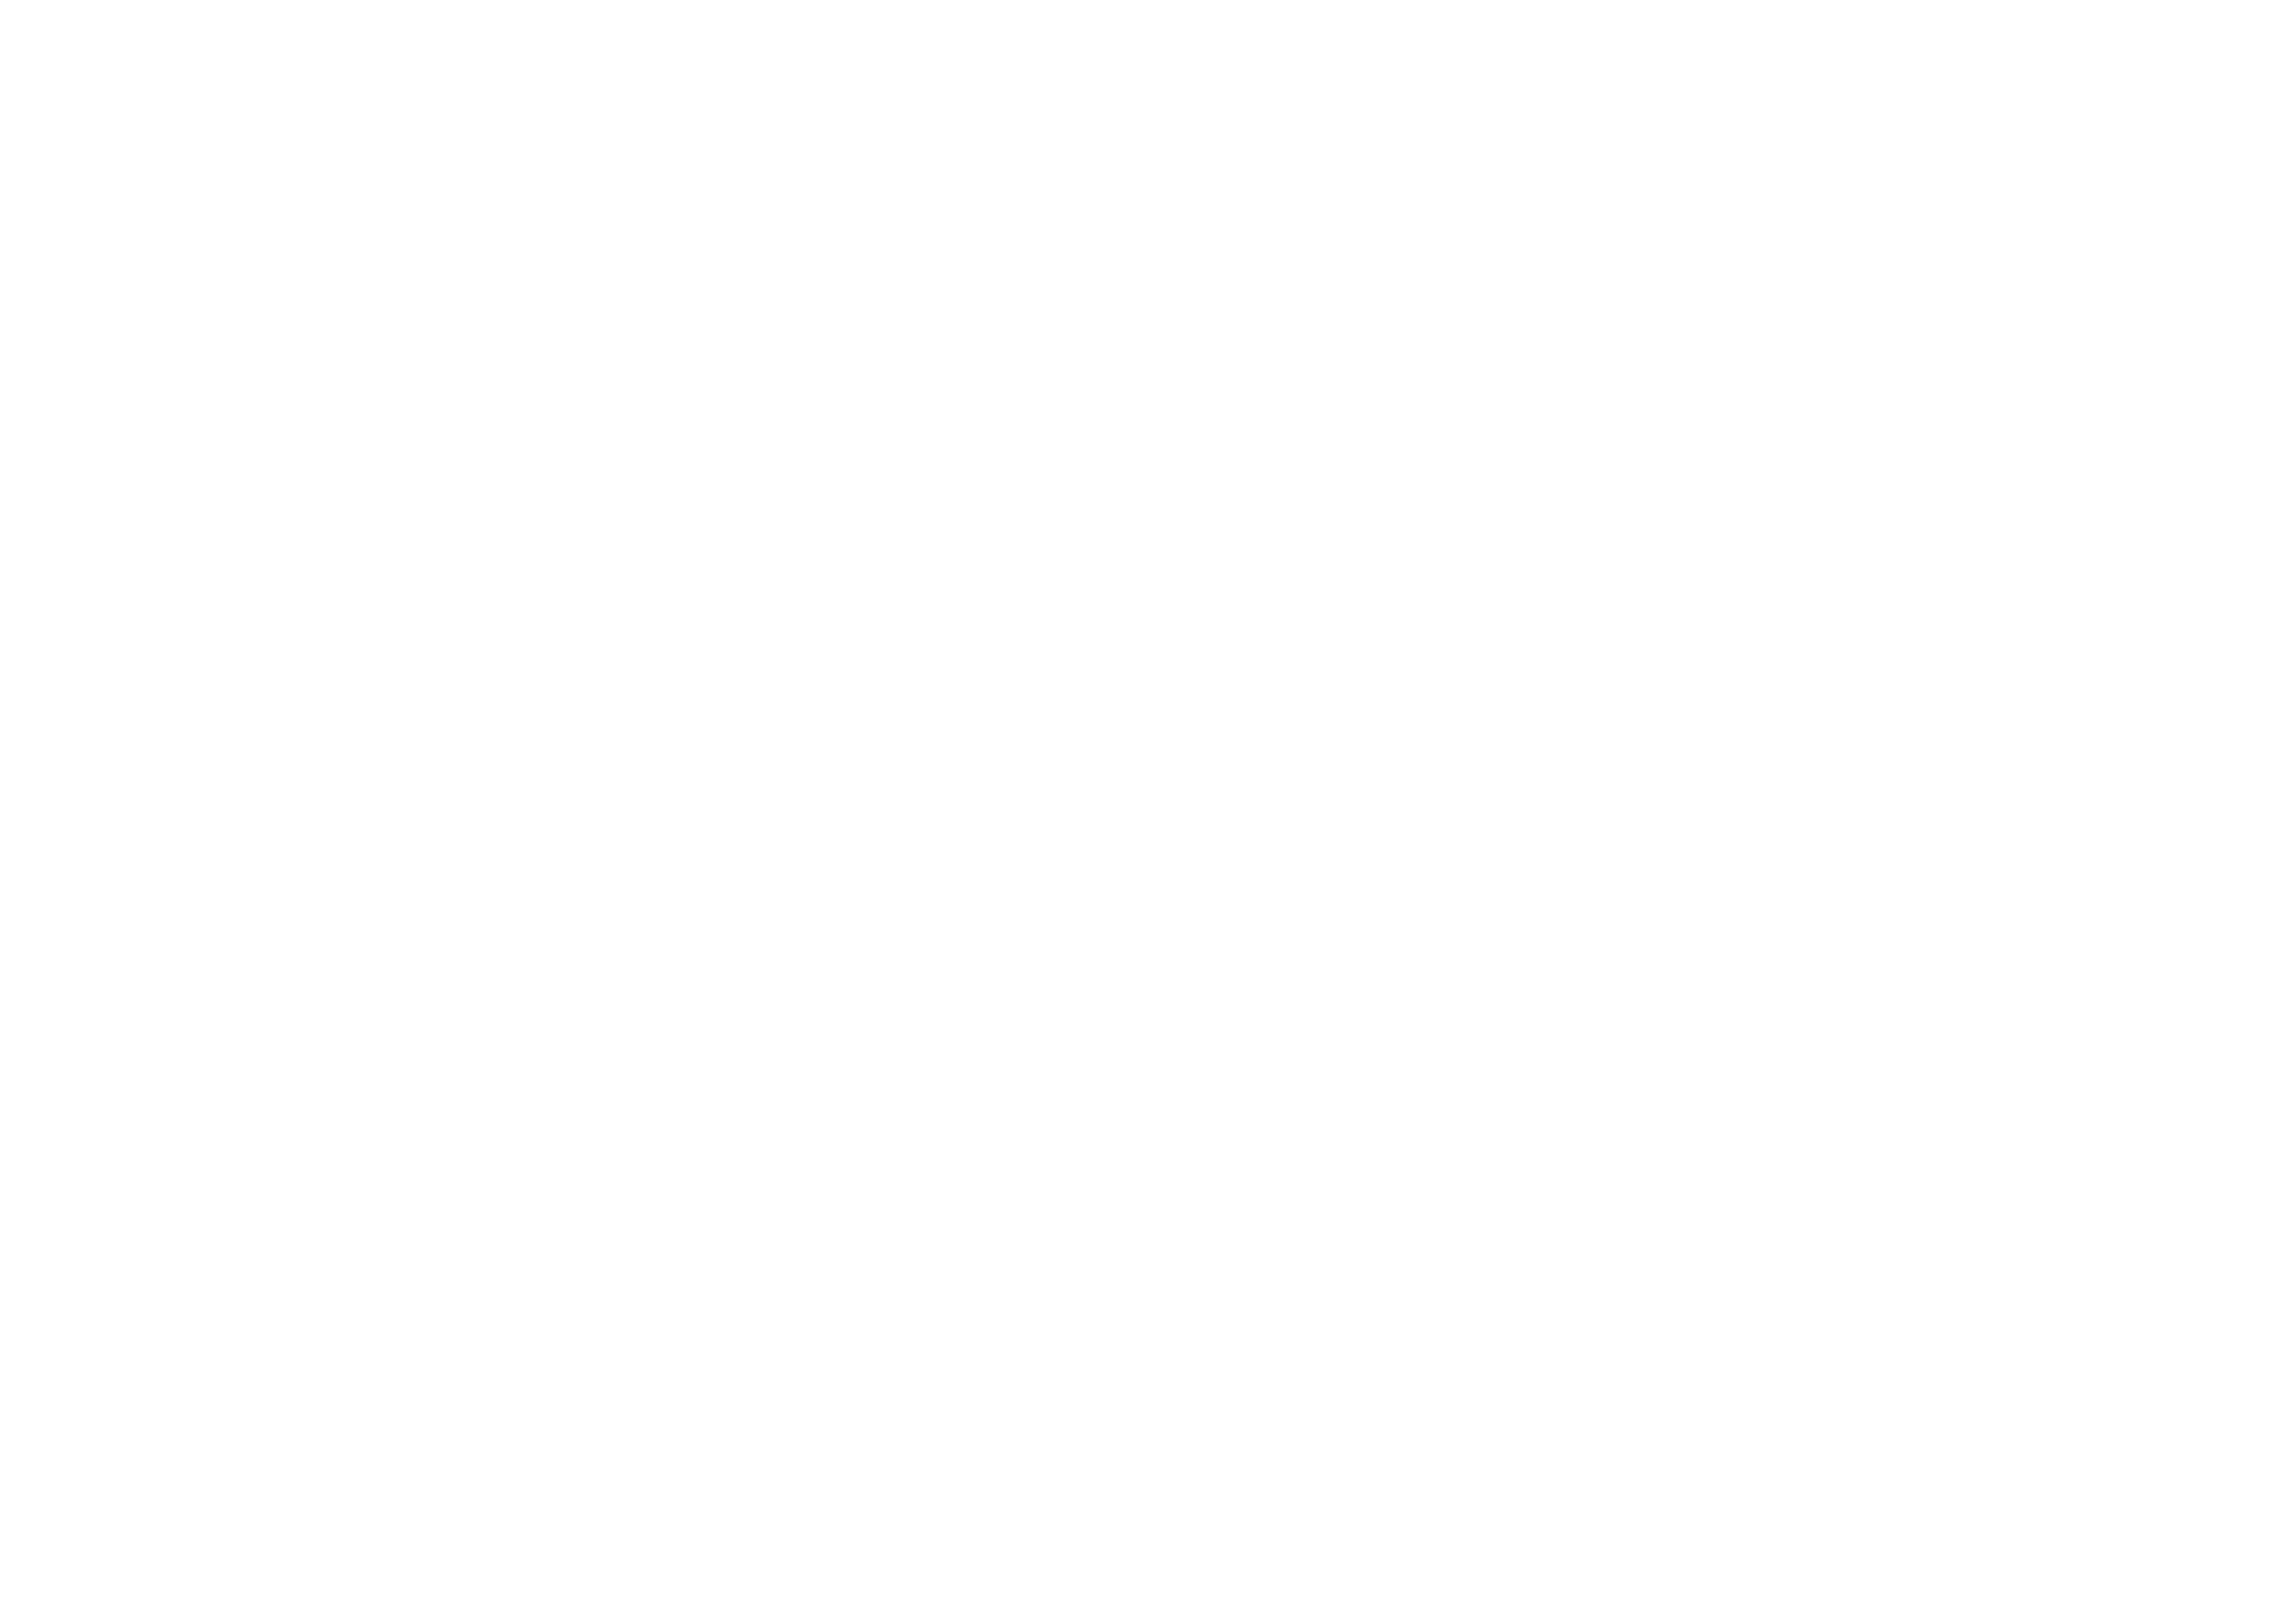 DeFretpot_logo_Tekengebied 111